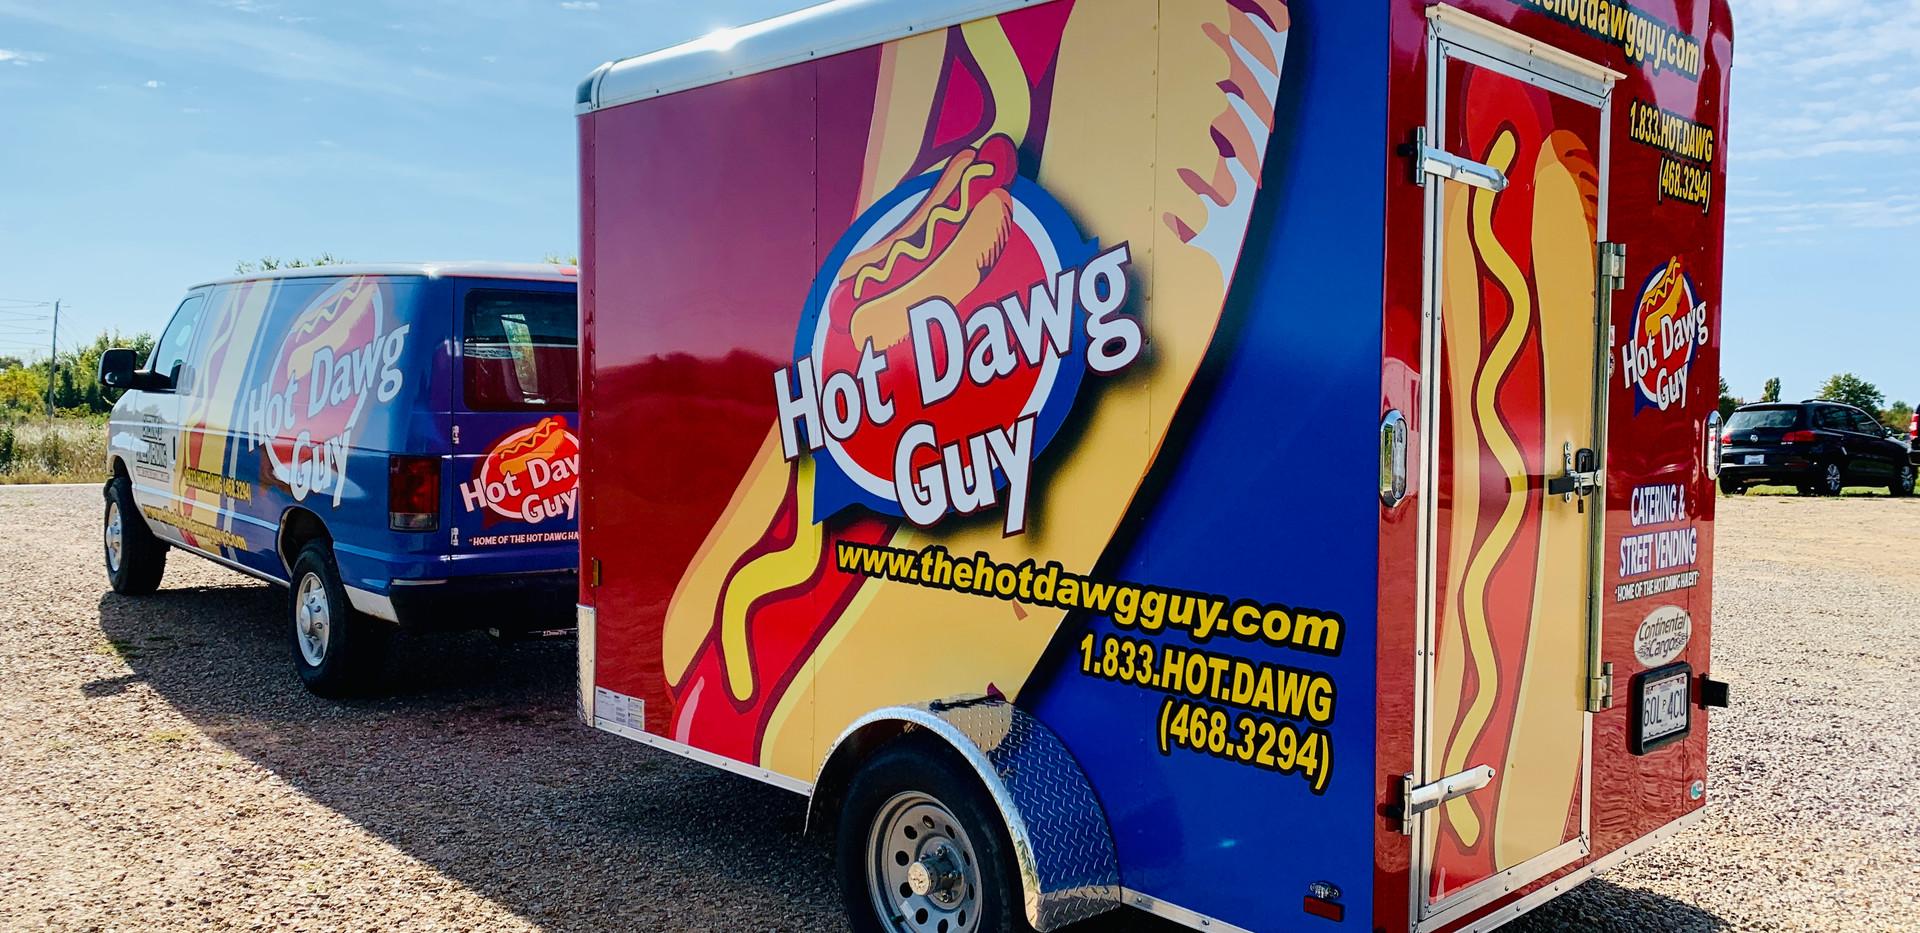 Hot Dawg Guy Trailer Wrap